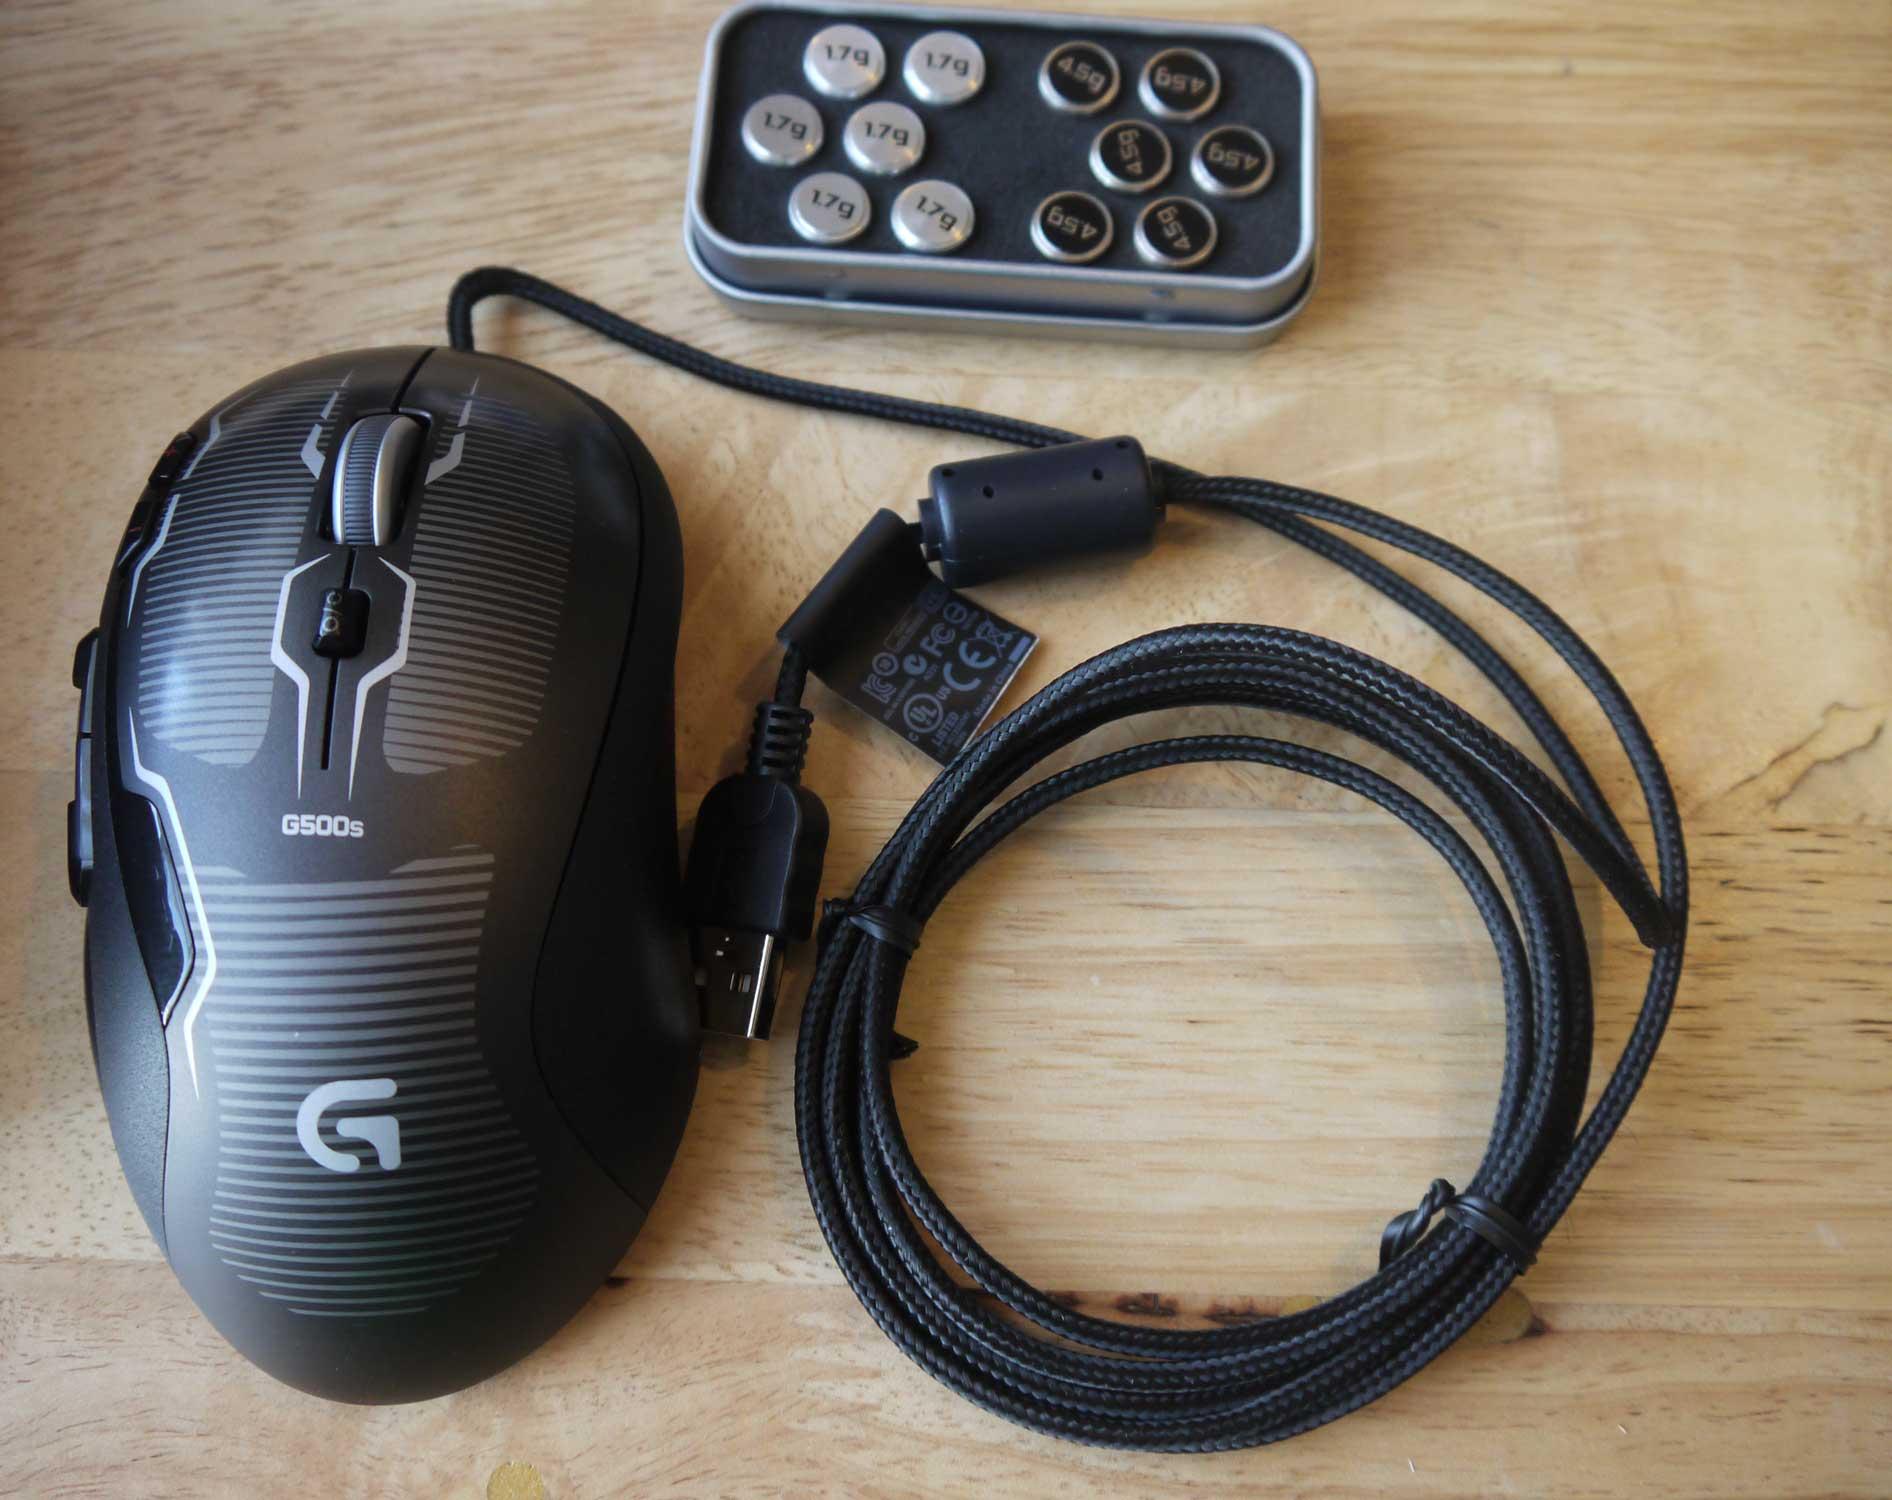 g500-closeup-fullshot-w-weights